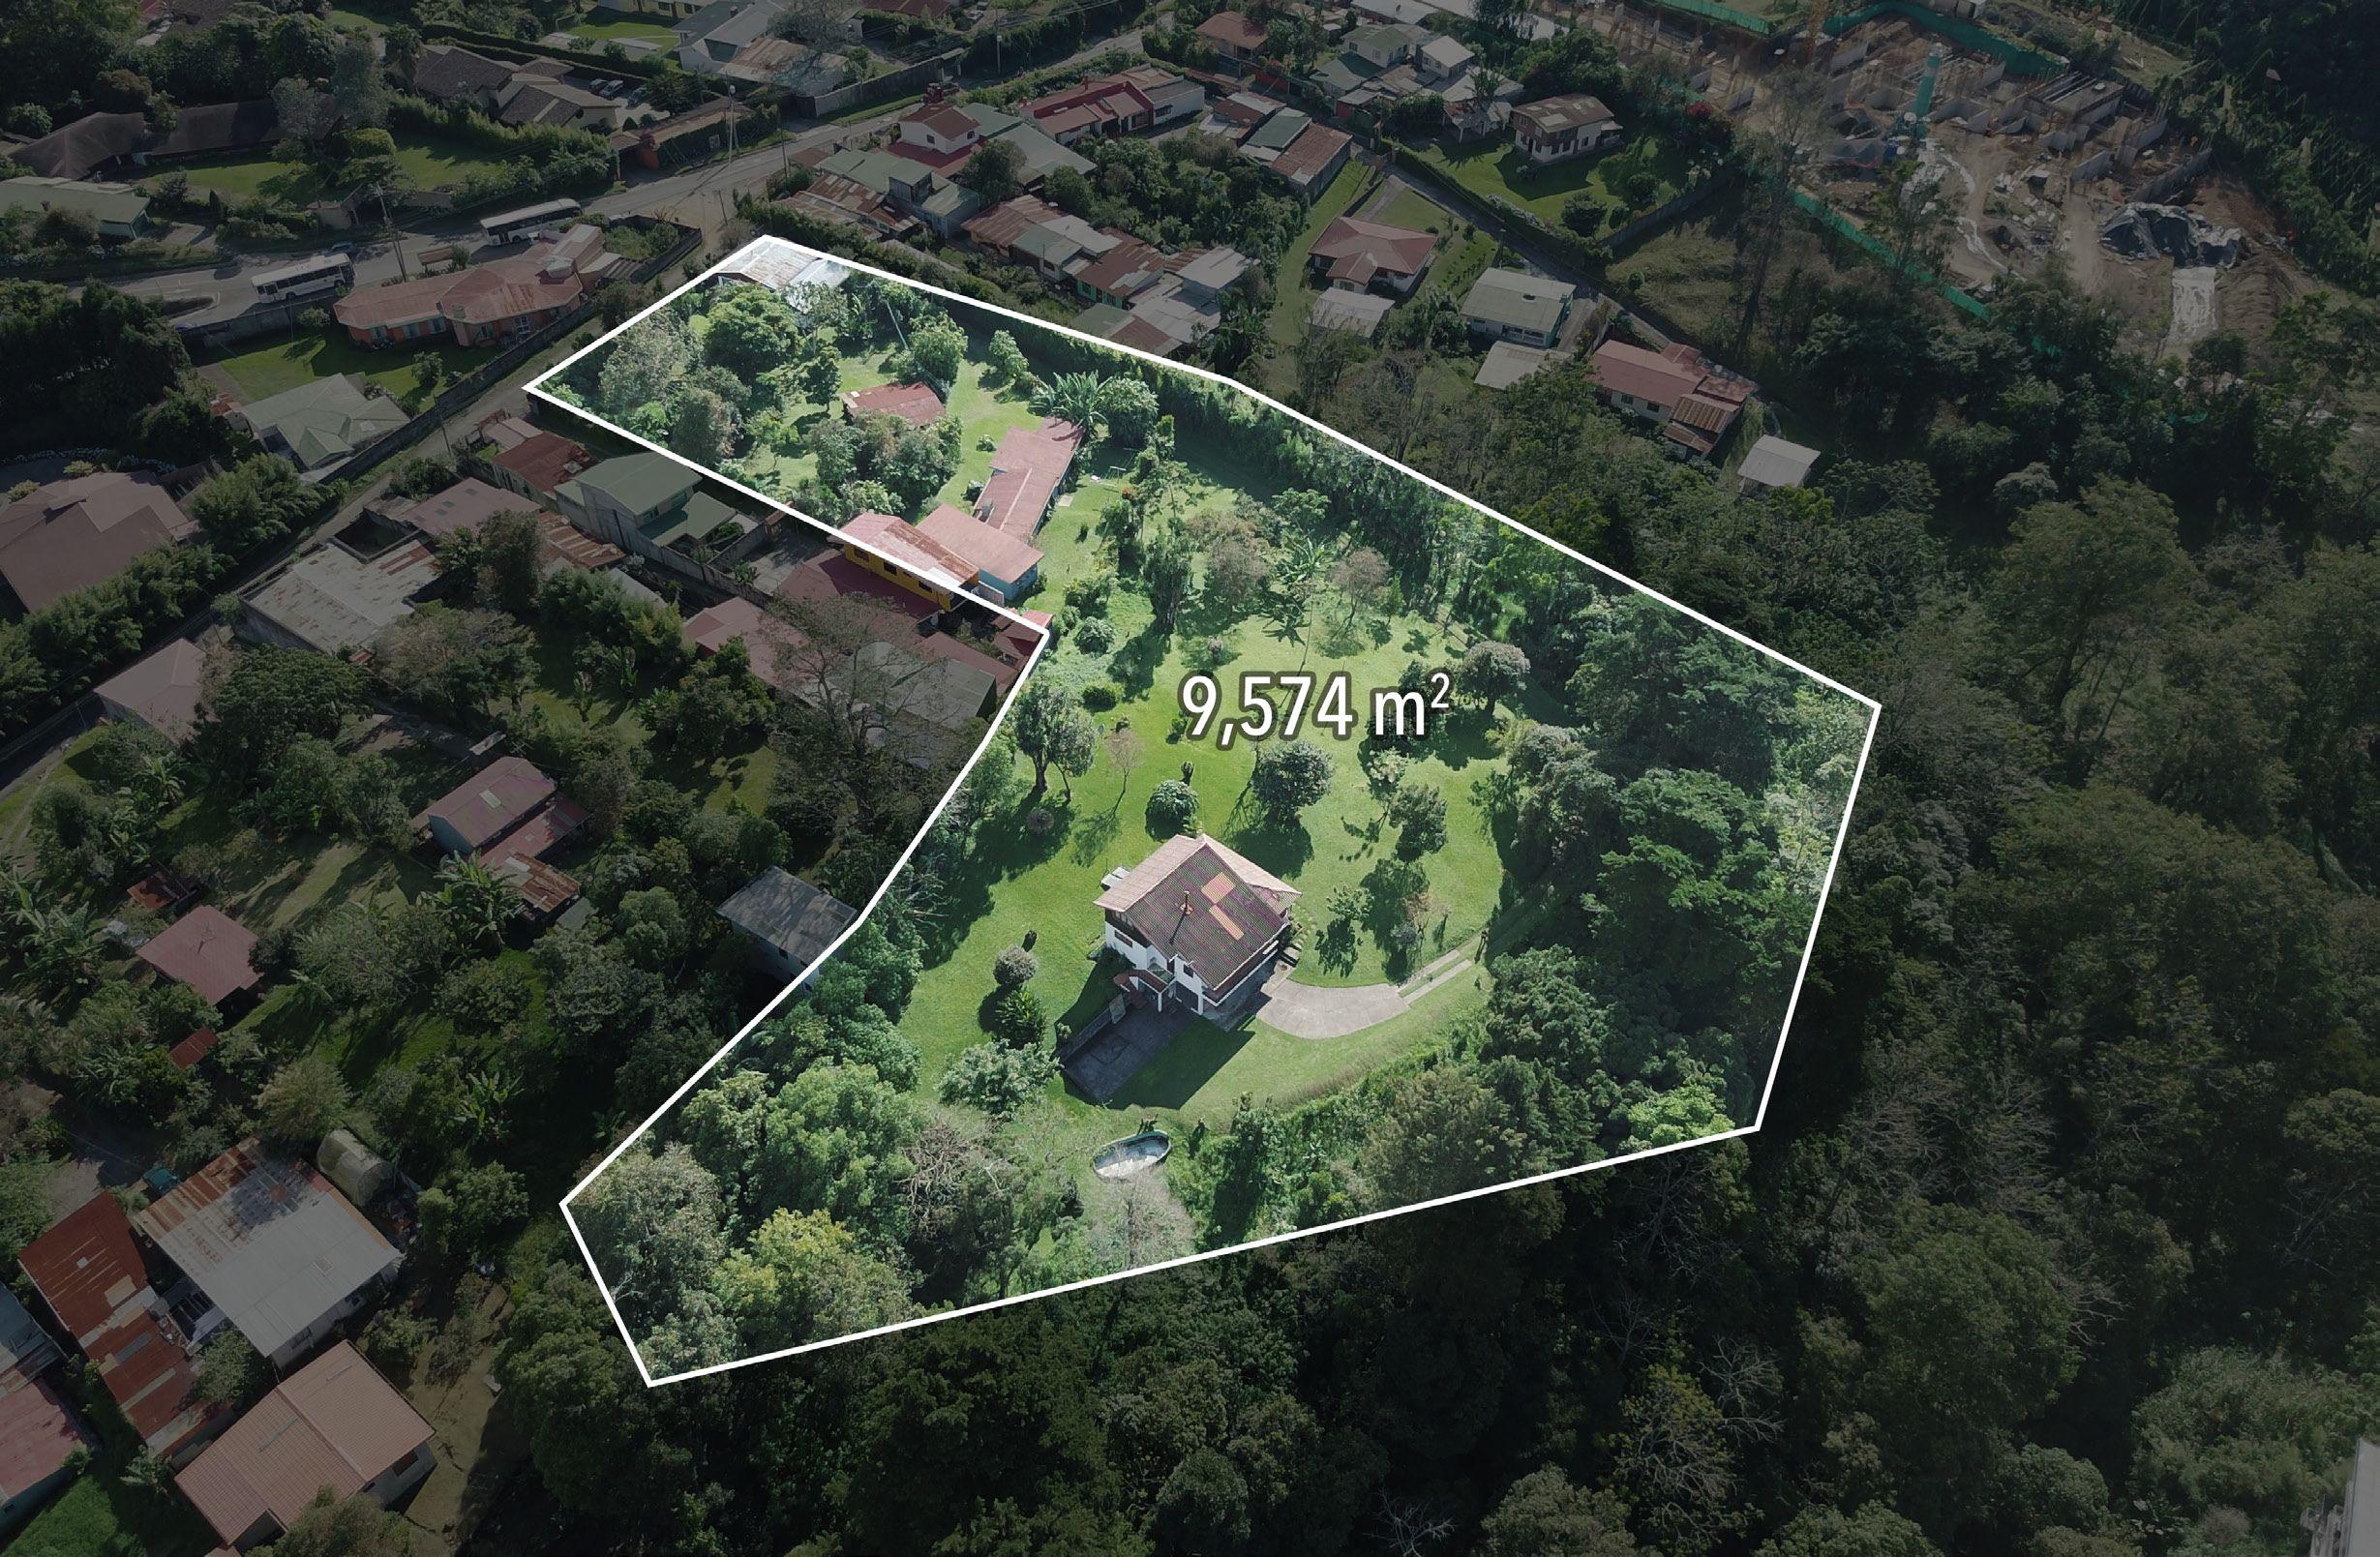 Venta de Propiedad de 1 Hectarea, Ideal para Desarrollar, San Rafael, Montes de Oca